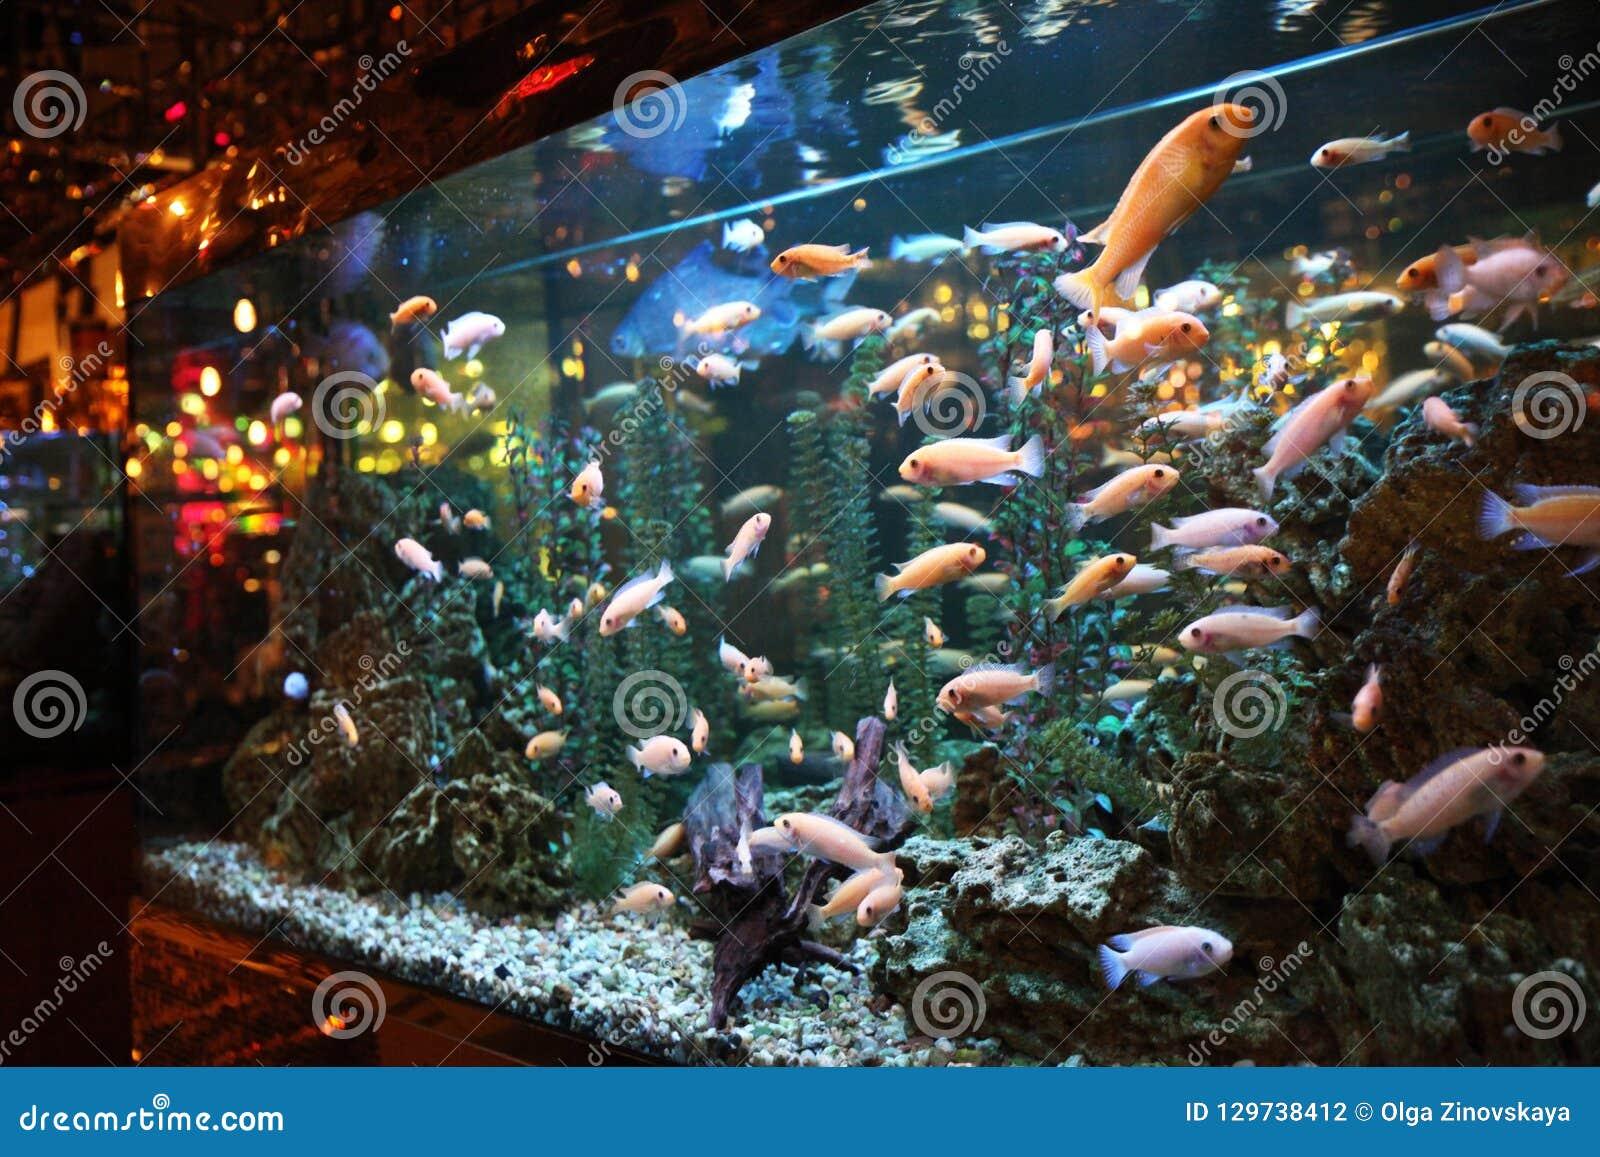 Large aquarium with colorful fish in the interior decor